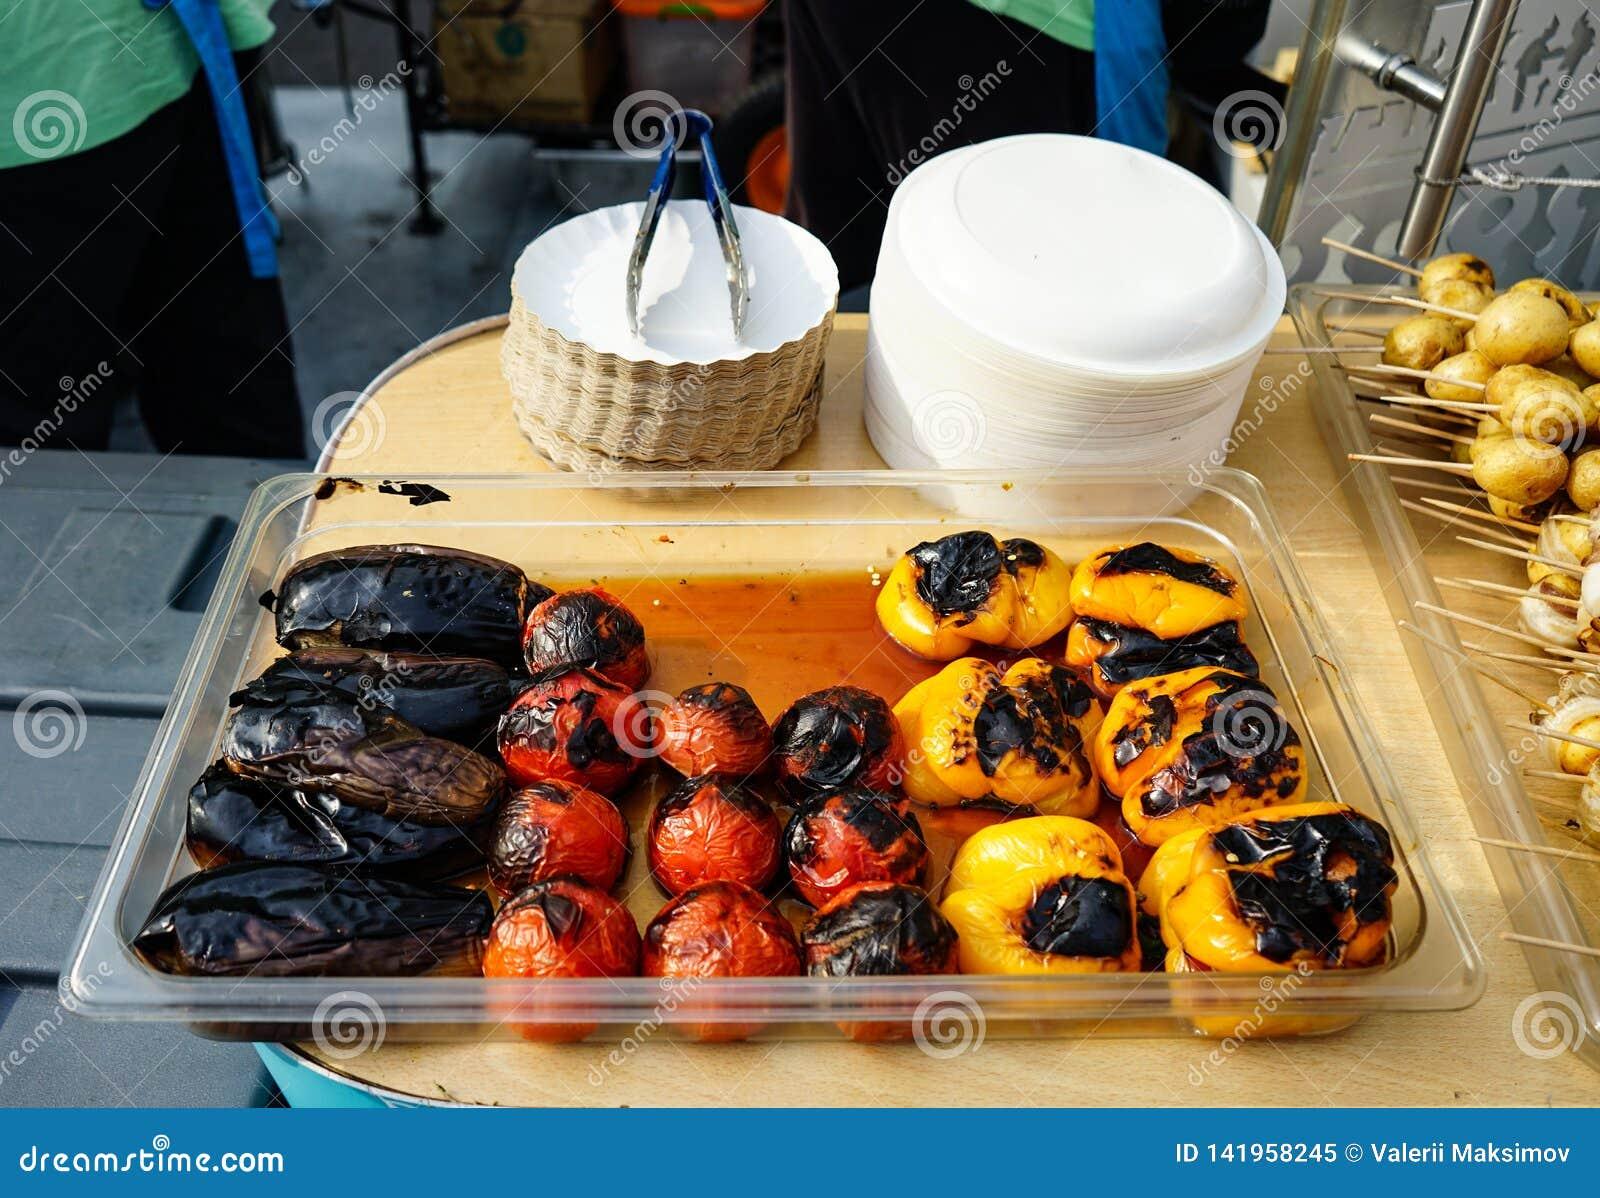 Berenjenas, tomates y pimientas cocinados en la parrilla